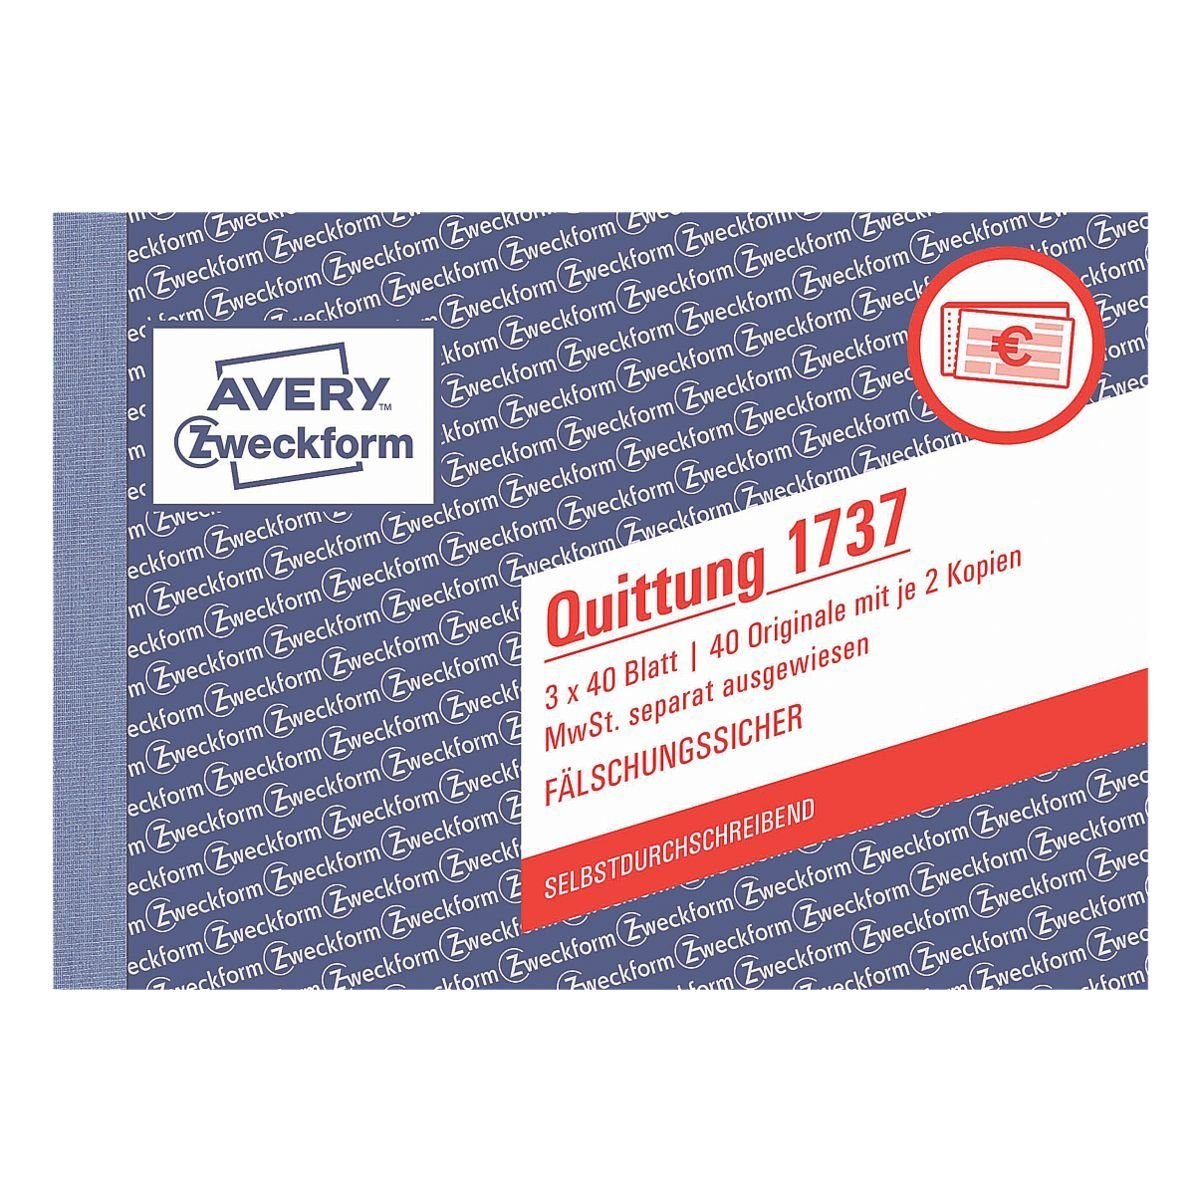 Avery Zweckform Formularbuch »Quittung, MwSt. separat mit Netto-Brutto«